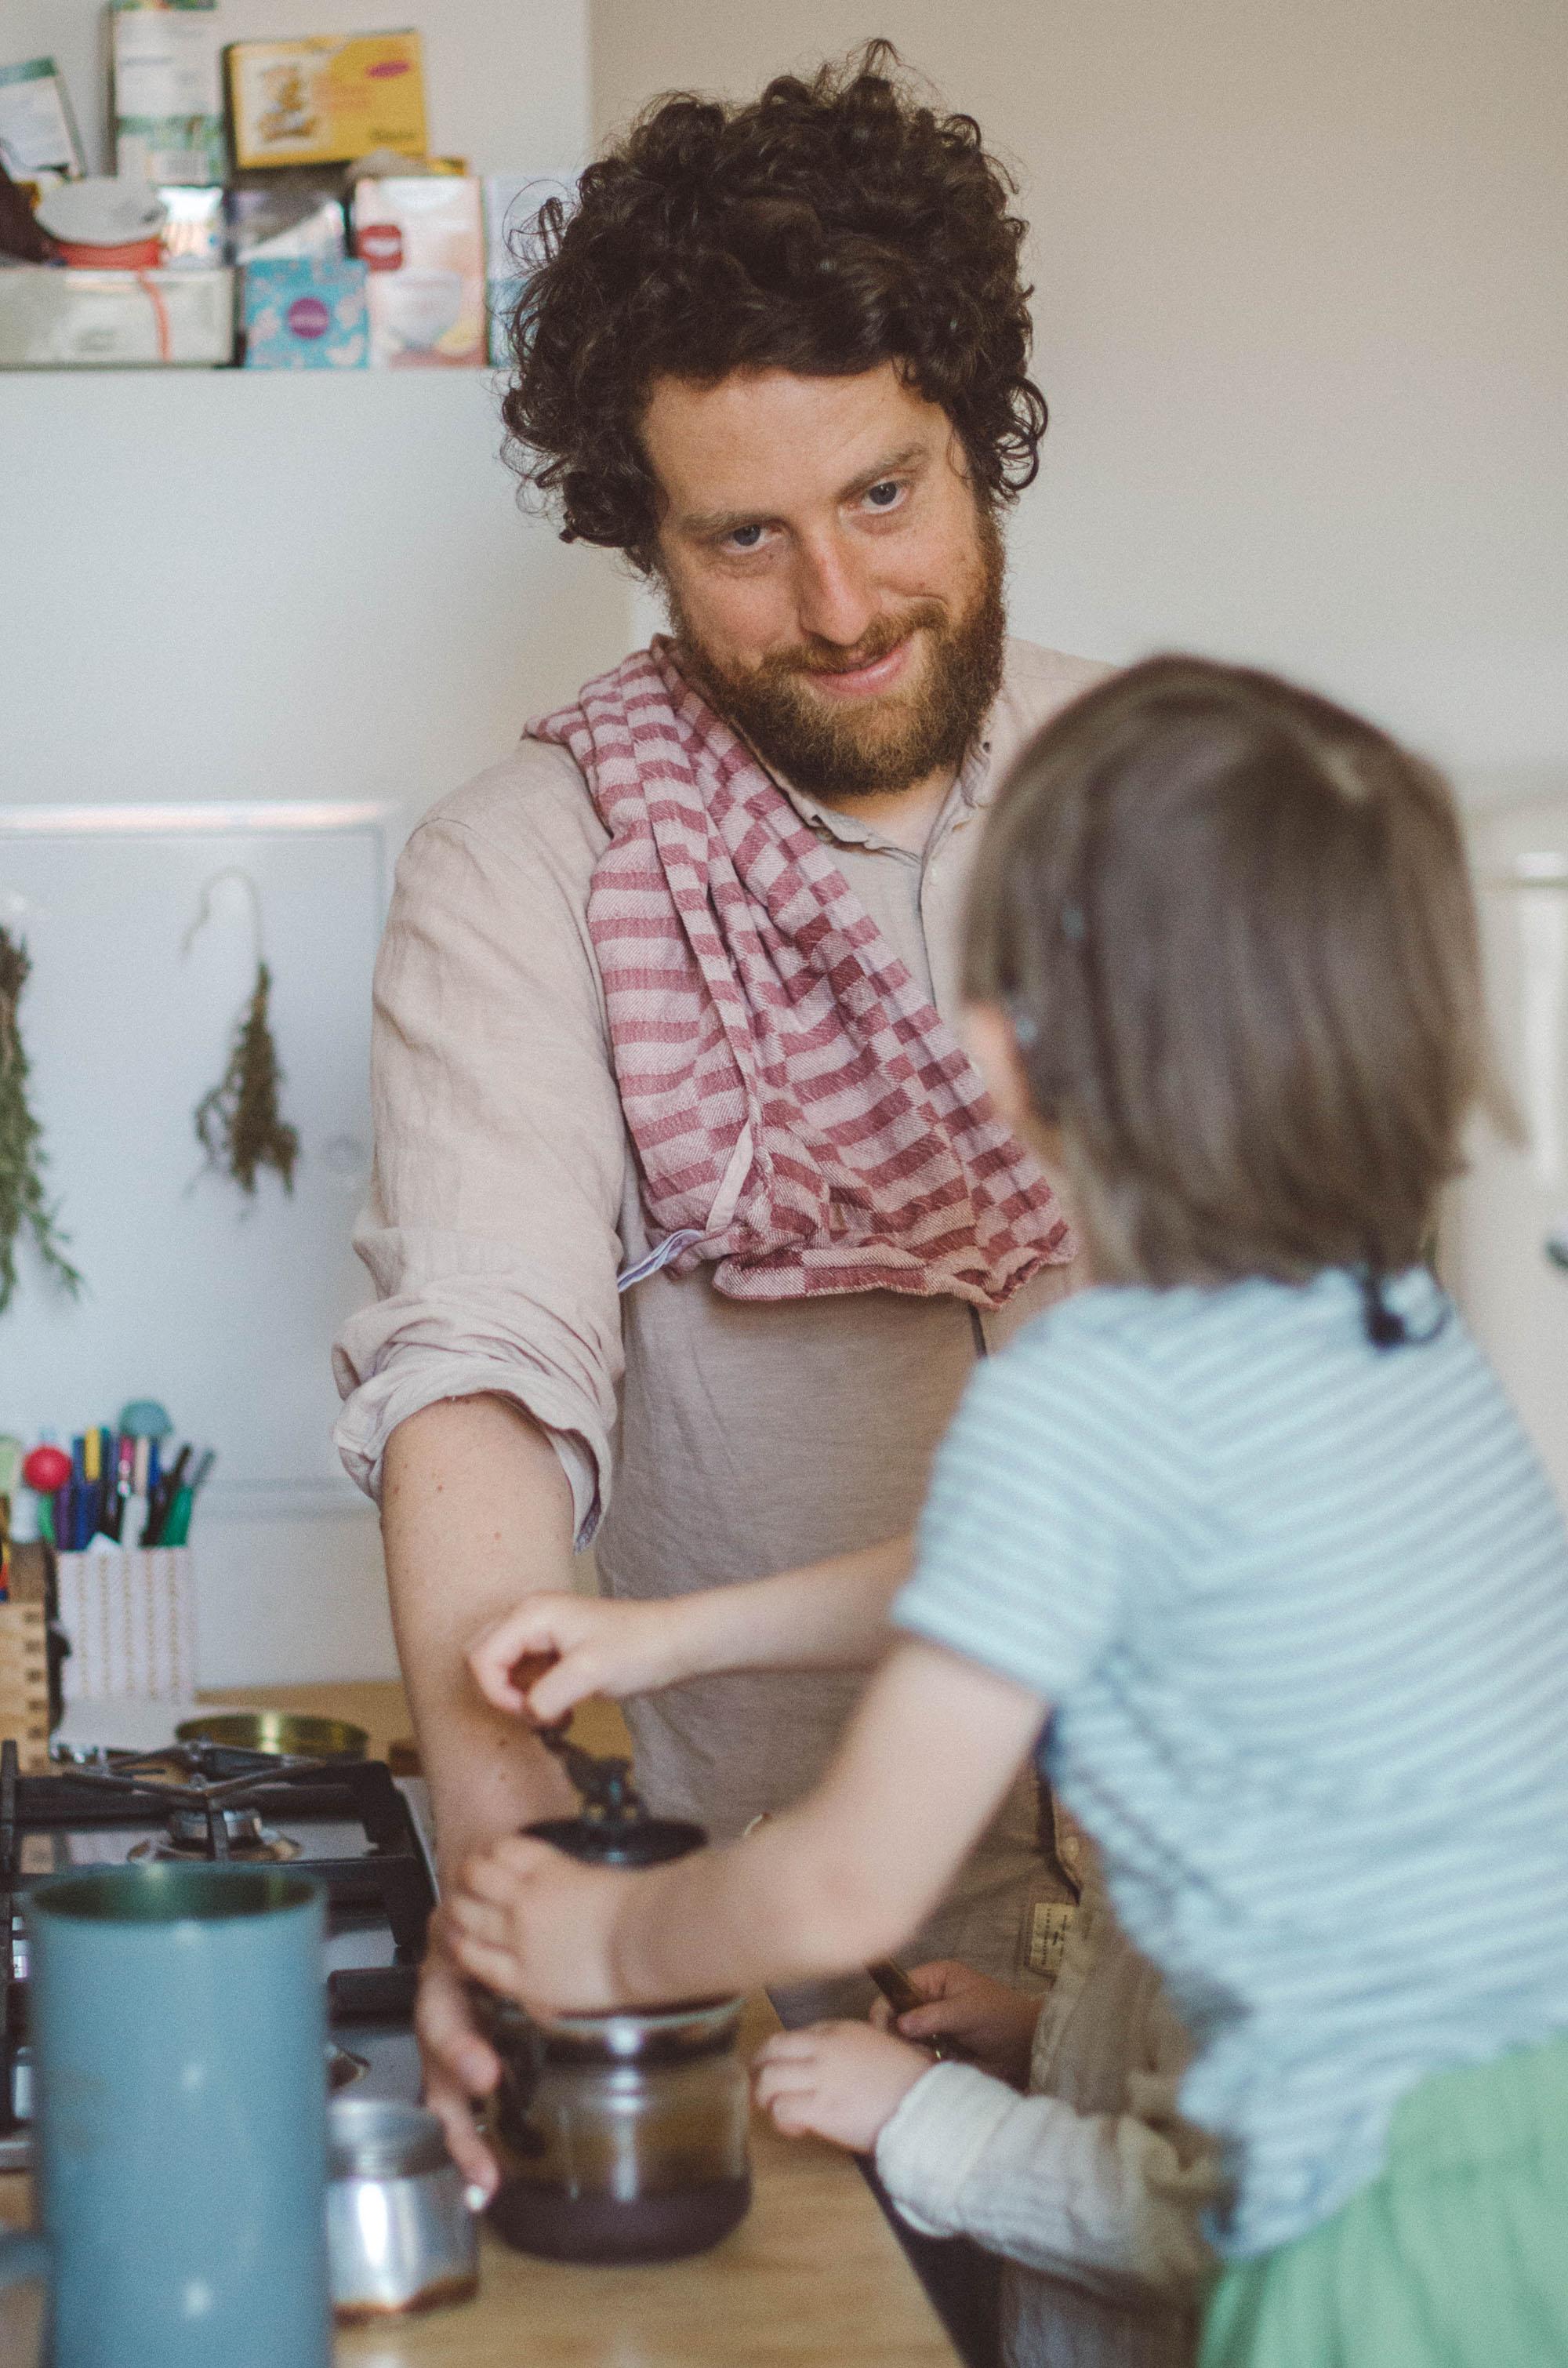 fotoshooting familie, Kind hilft mit in den Kaffee zu mahlen